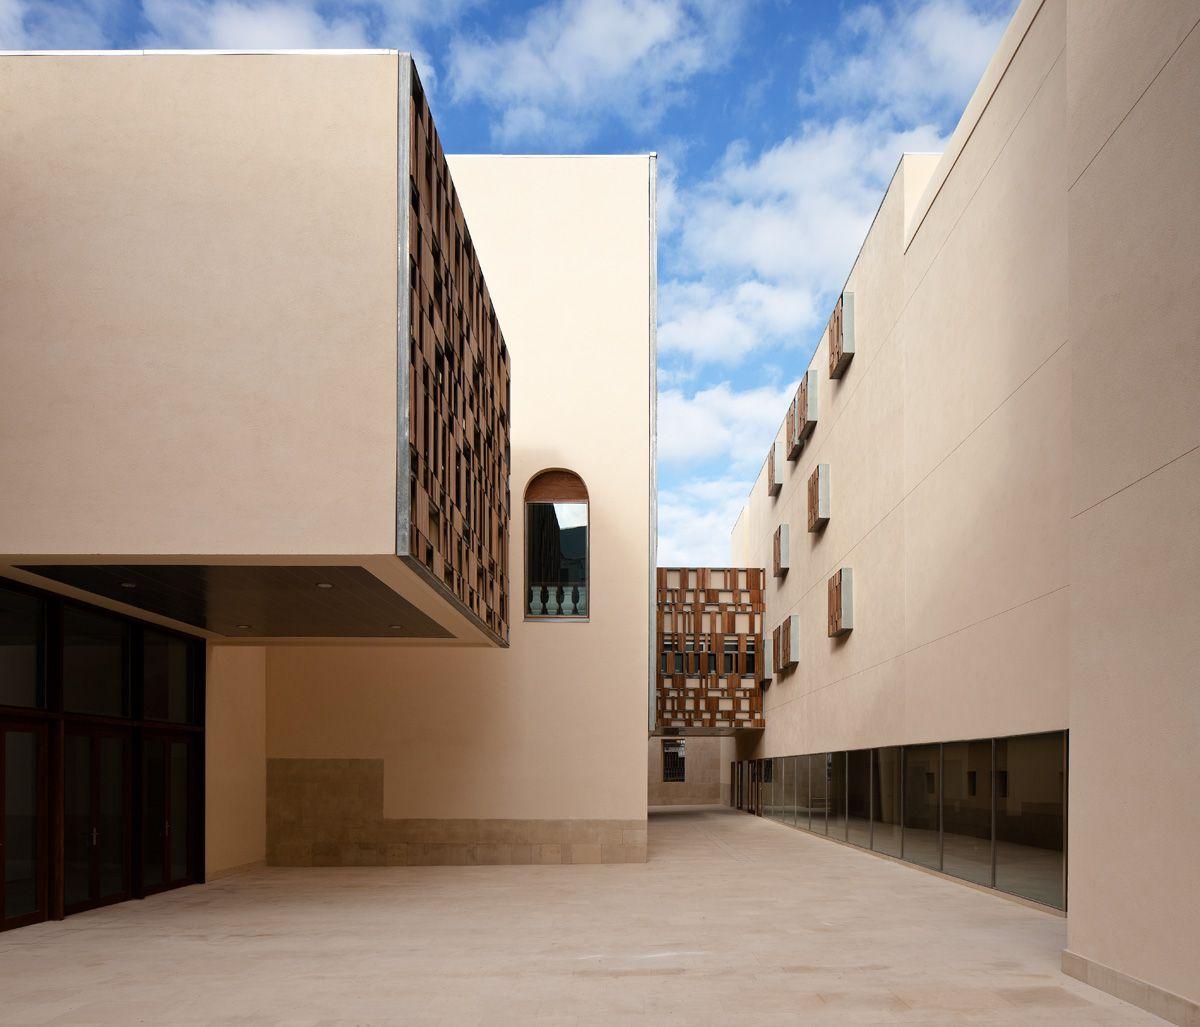 Rehabilitación Casas Consistoriales - Ayuntamiento de Baeza (Jaén)   Viar Estudio Arquitectura